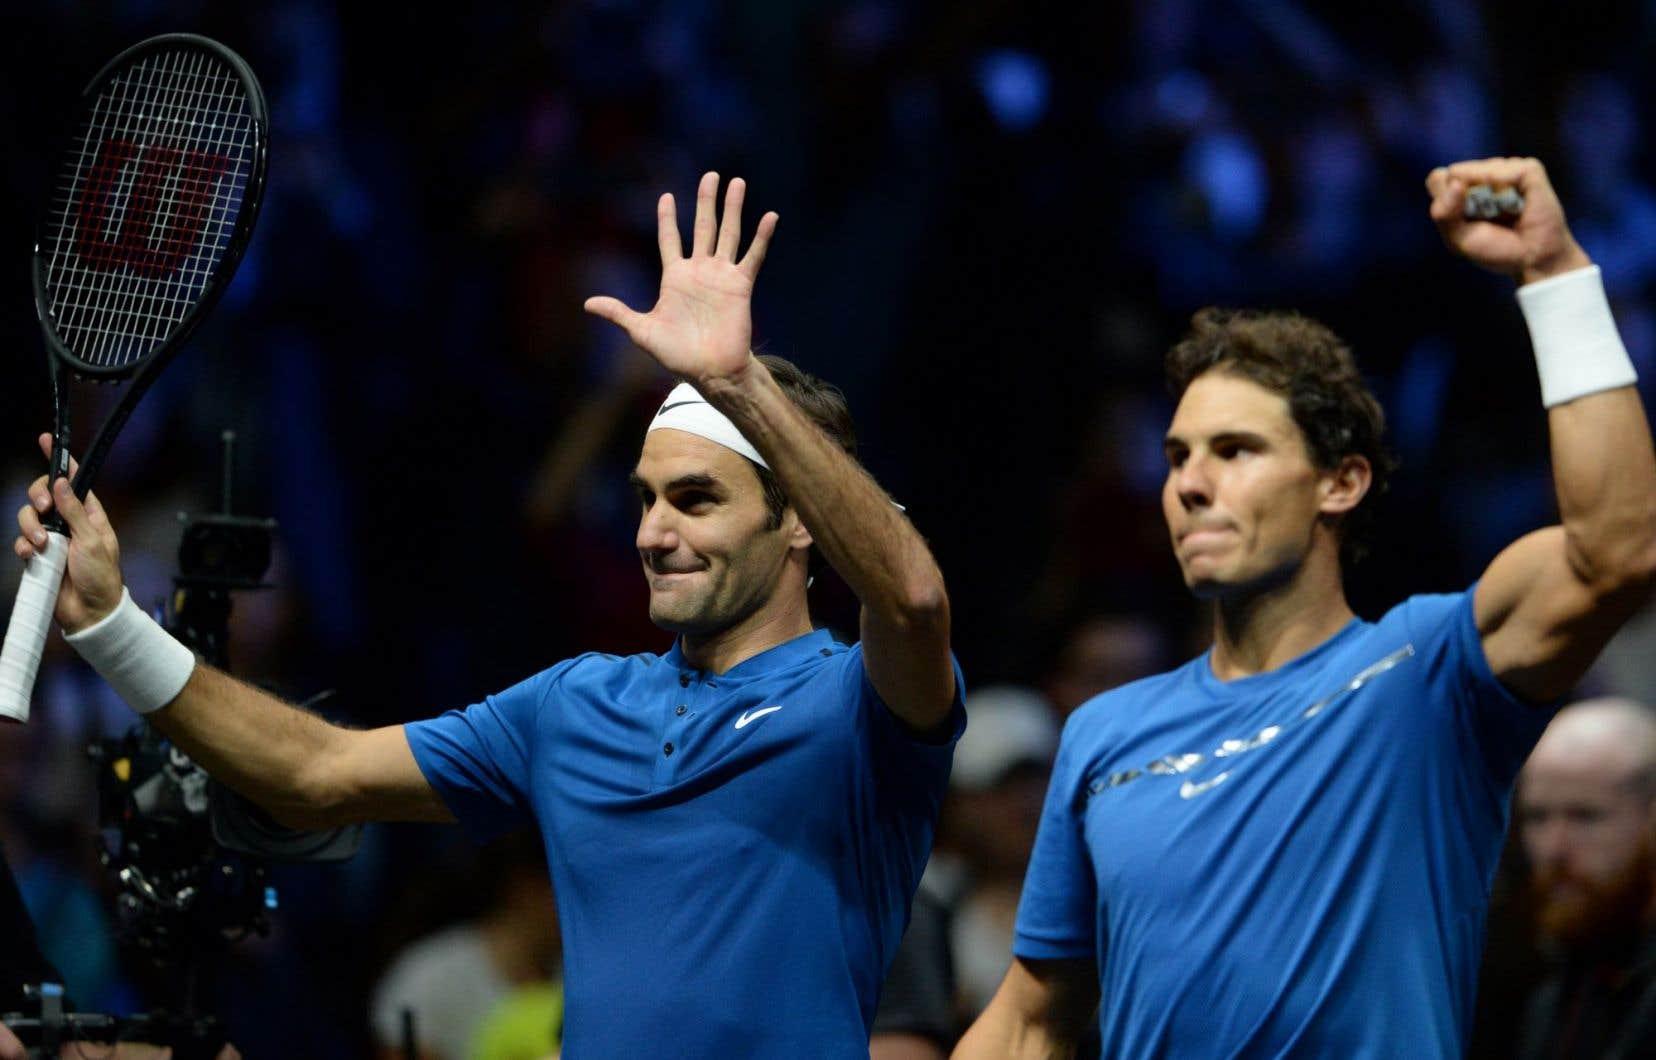 L'Espagnol Rafael Nadal et le Suisse Roger Federer étaient réunis en tandem pour la première fois.